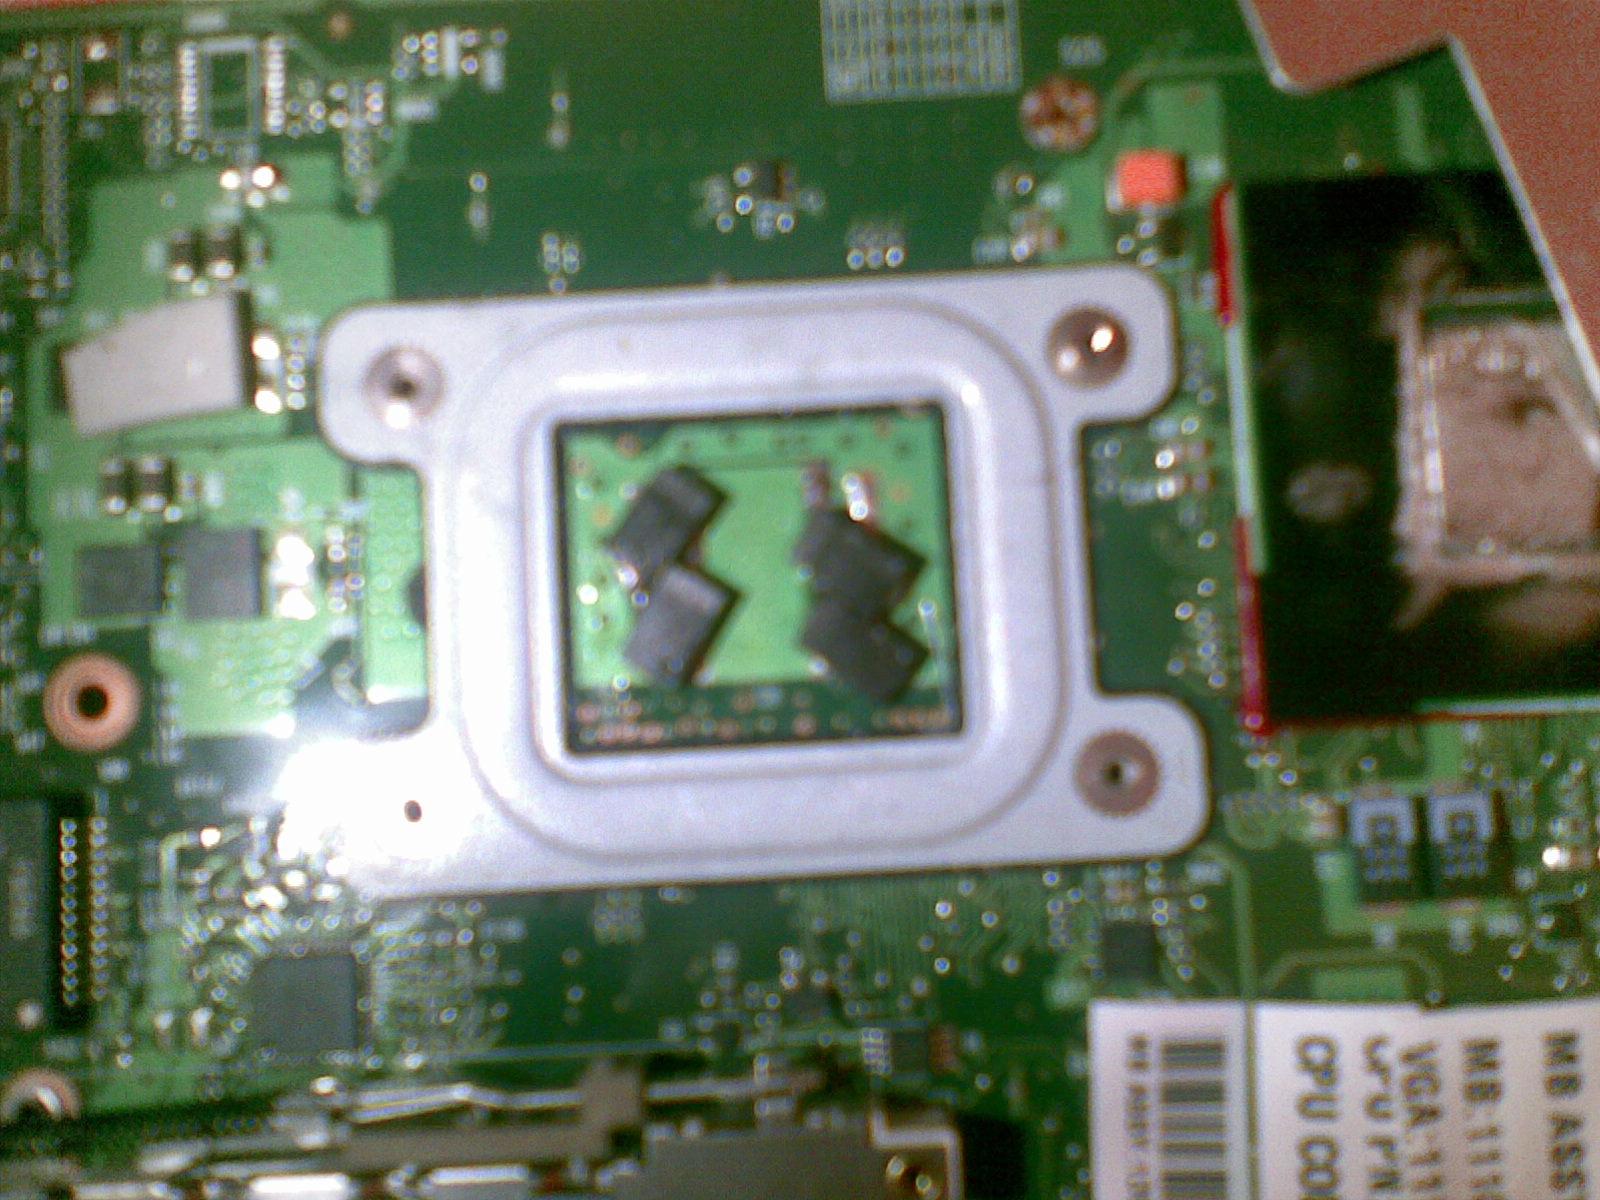 Toshiba A300-1EG - Objawy zbli�one do uszkodzenia NEC/TOKIN